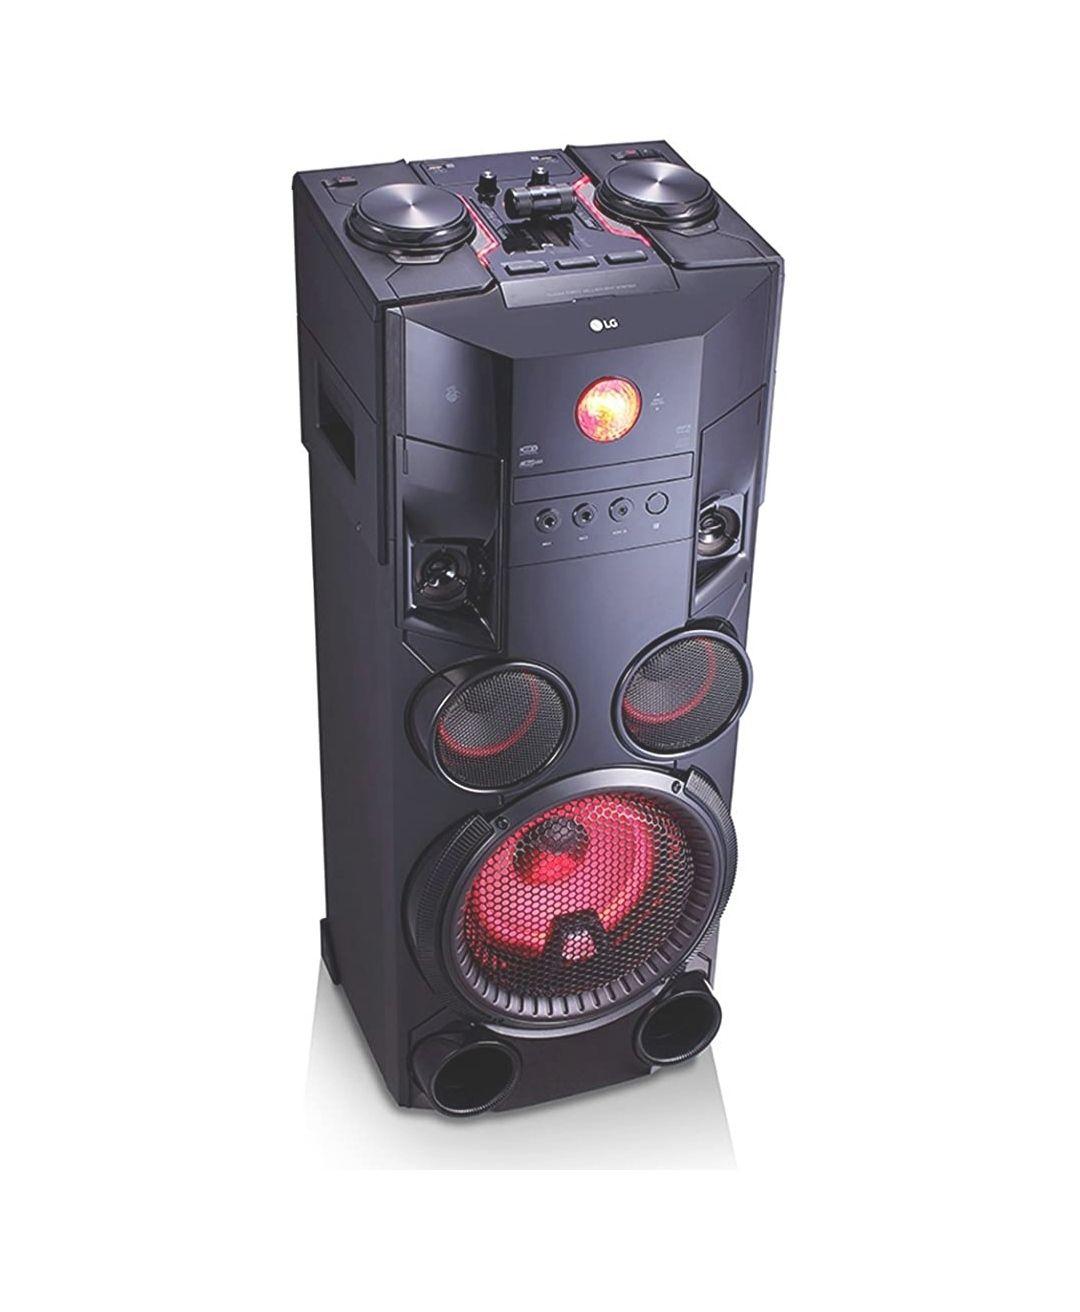 Elektra Sonora: LG XBoom Om7510 y más artículos de audio en liquidación